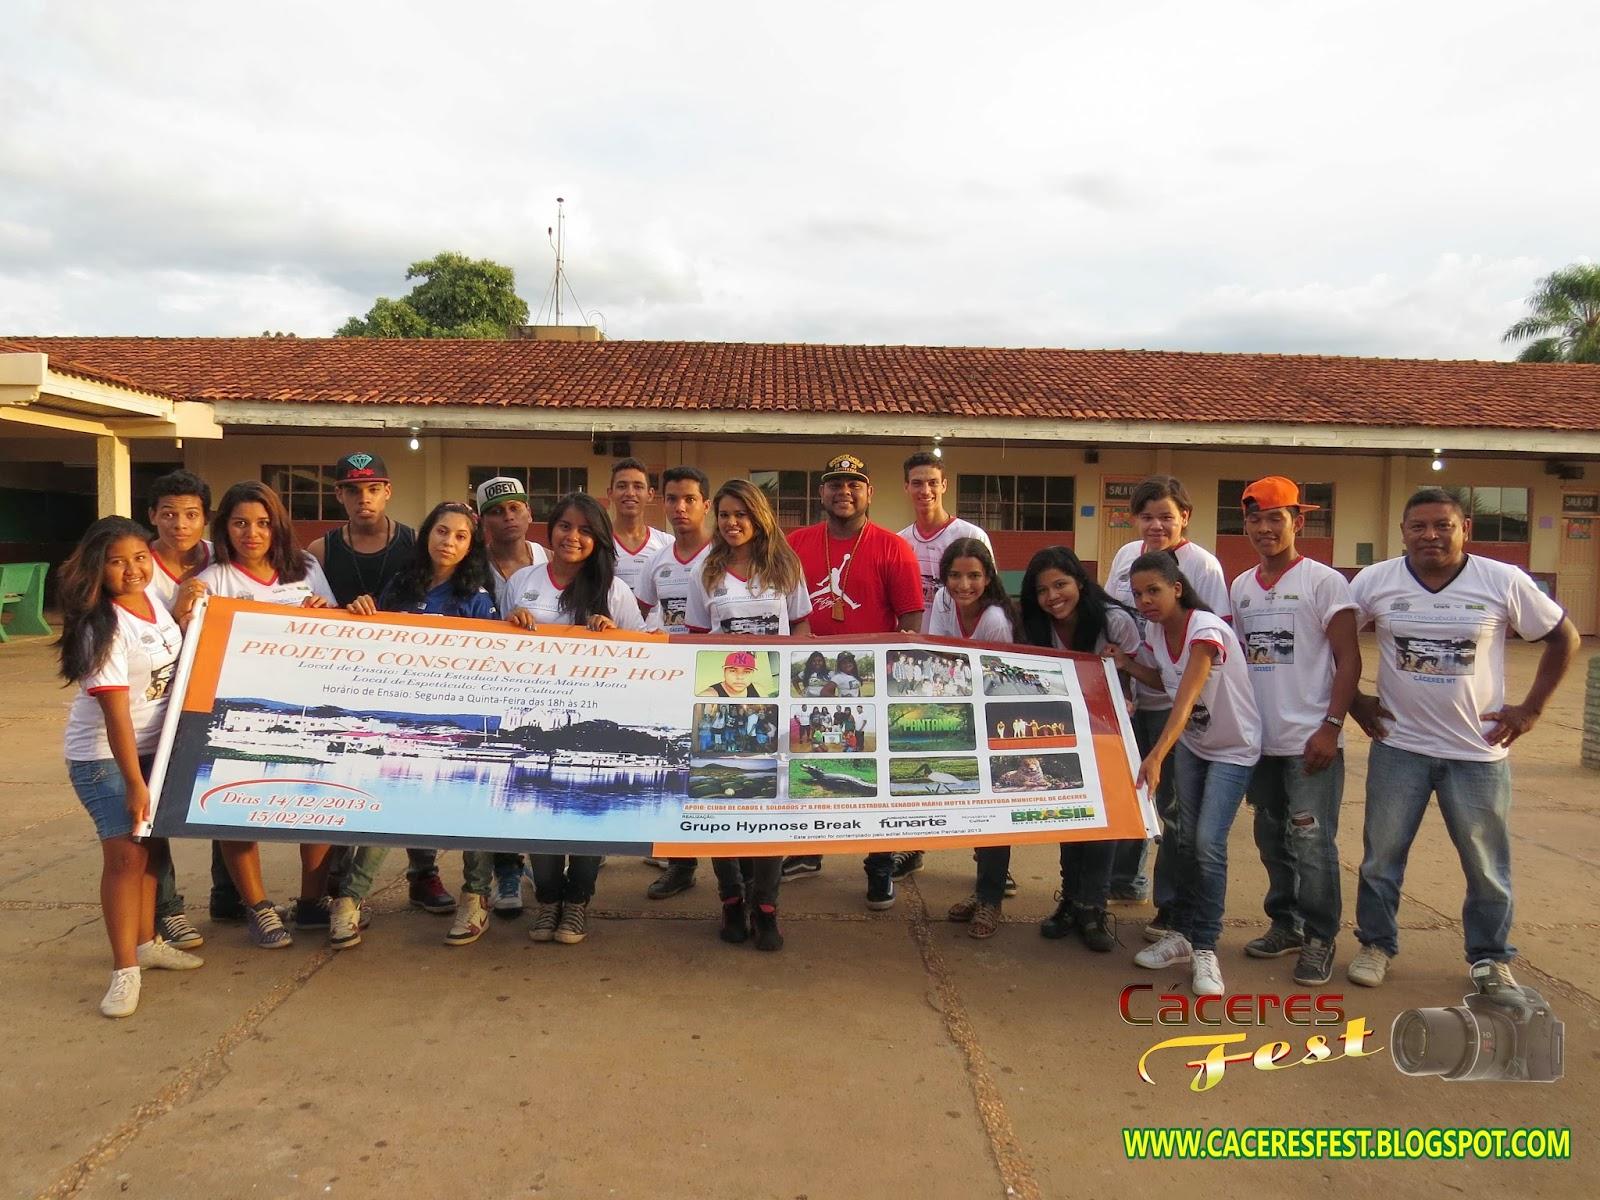 http://caceresfest.blogspot.com.br/2014/01/microprojetos-pantanal-veja-mais.html